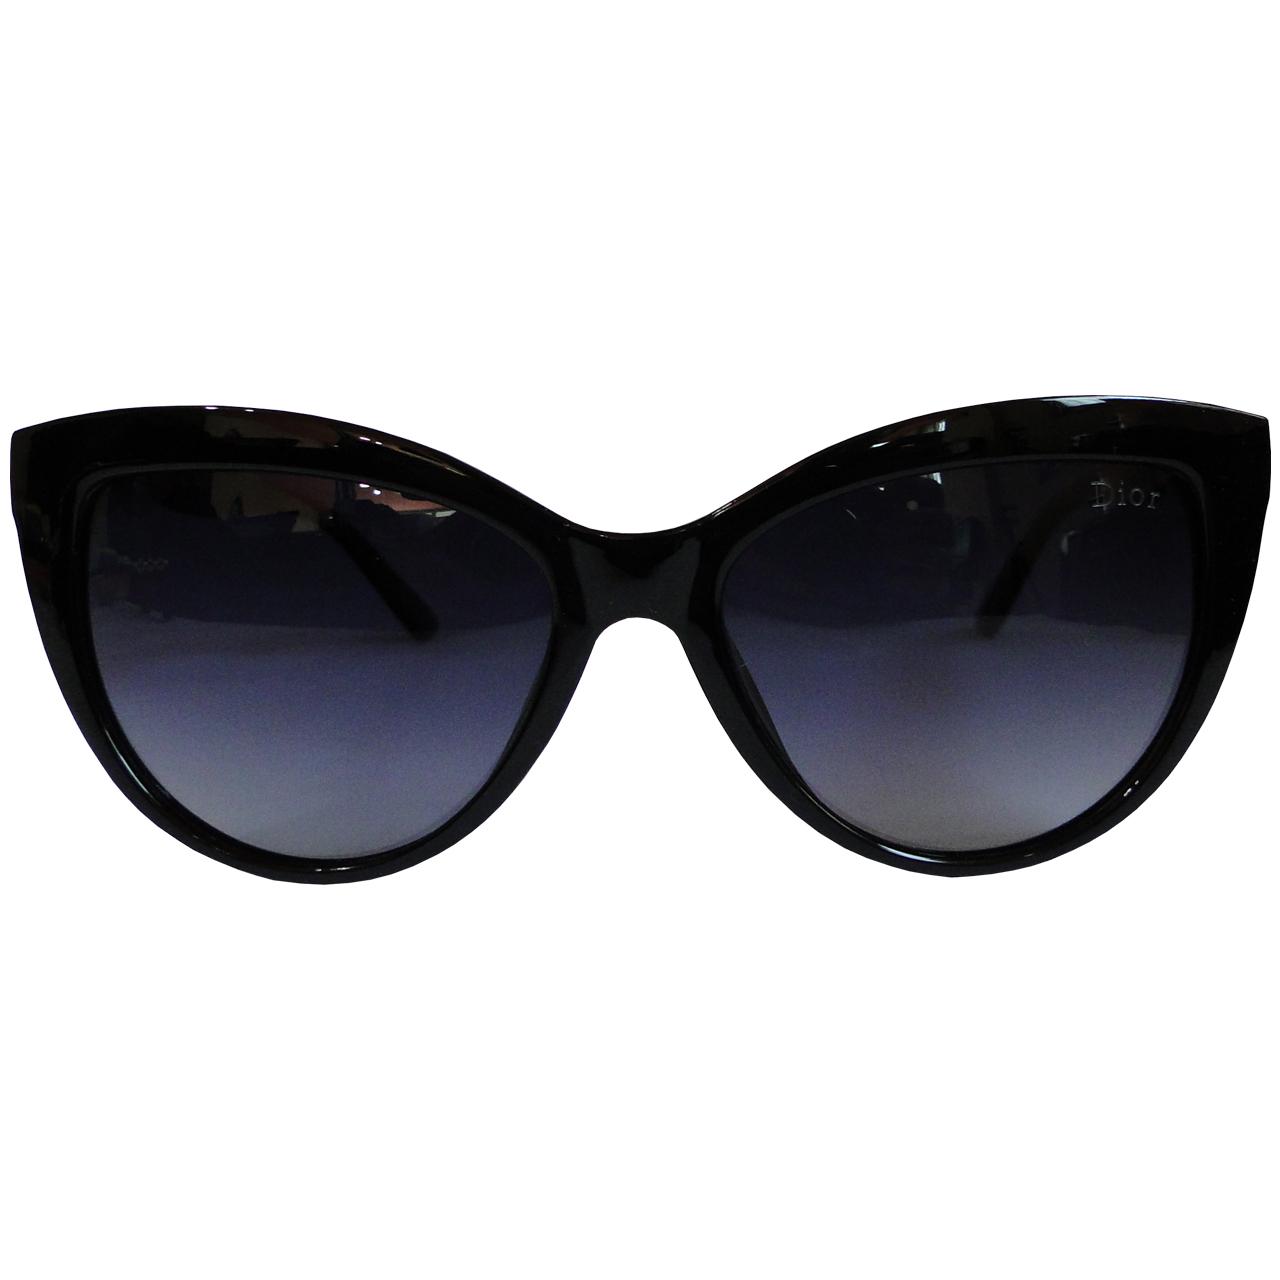 قیمت عینک آفتابی زنانه دیور مدل Dior-P013